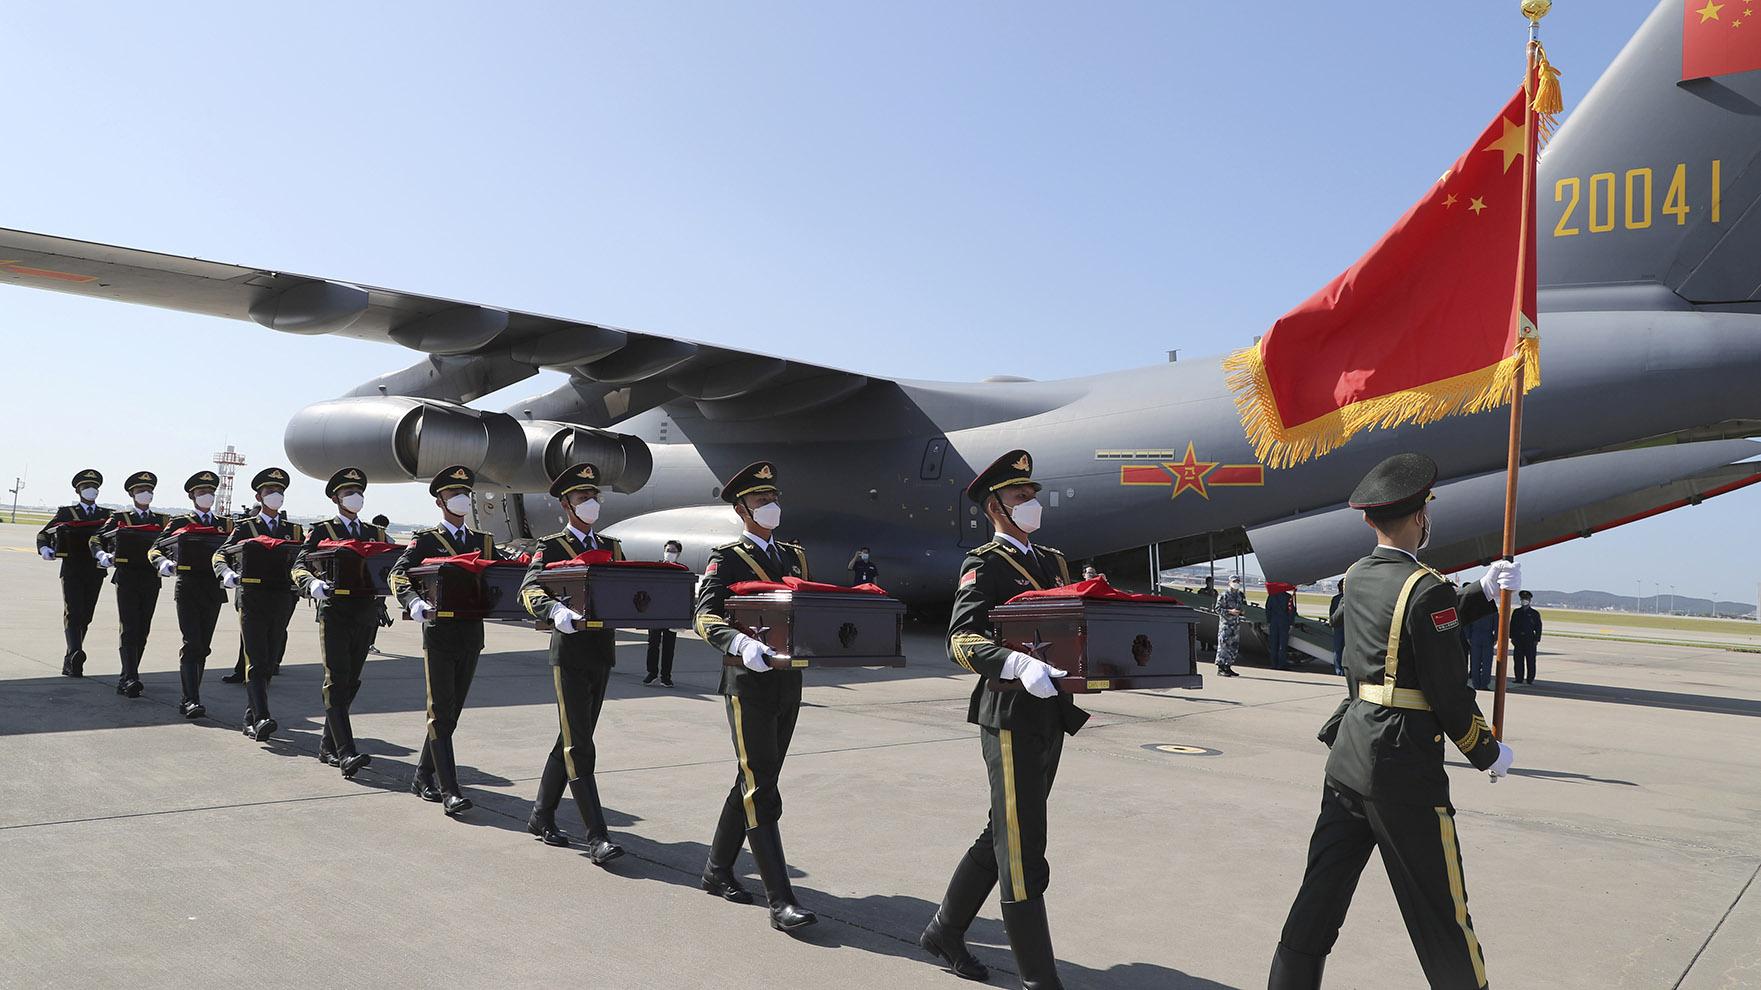 2020年9月27日,中国解放军仪仗队接受从韩国来的朝鲜战争中的解放军骸骨。(美联社)